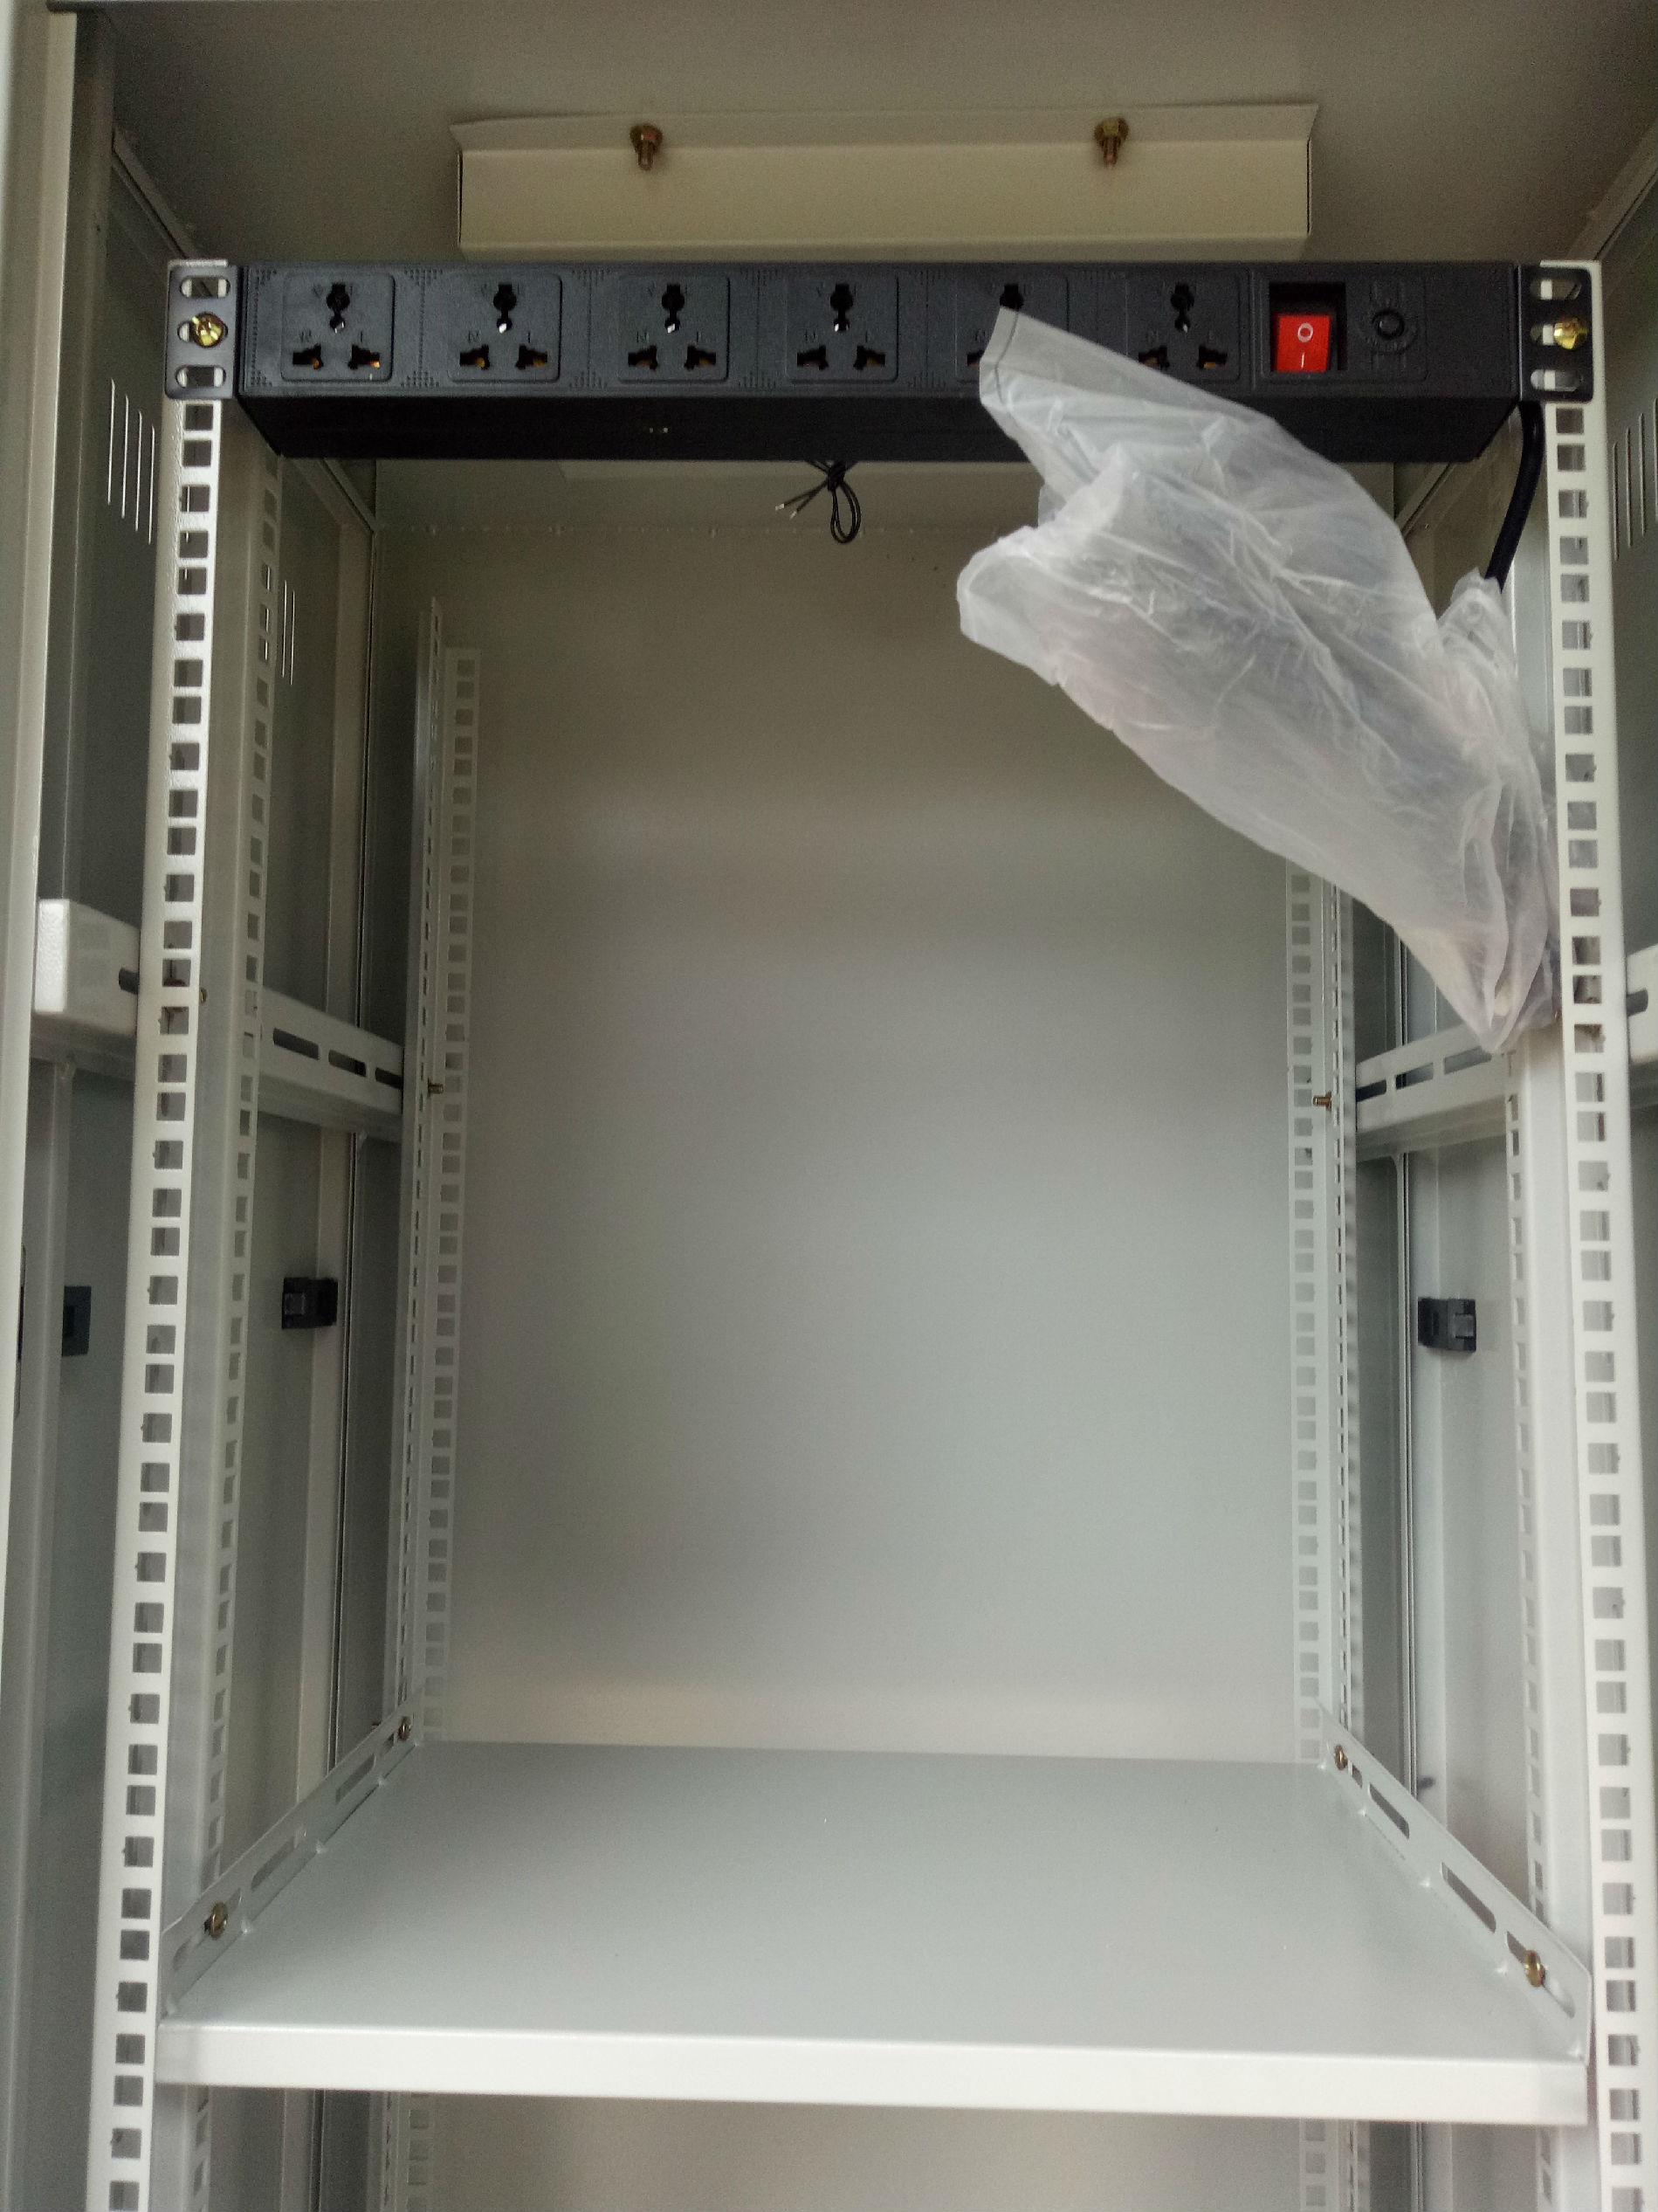 网络机柜服务器机柜墙壁式机柜42U前后网孔门,厂家批发网络机